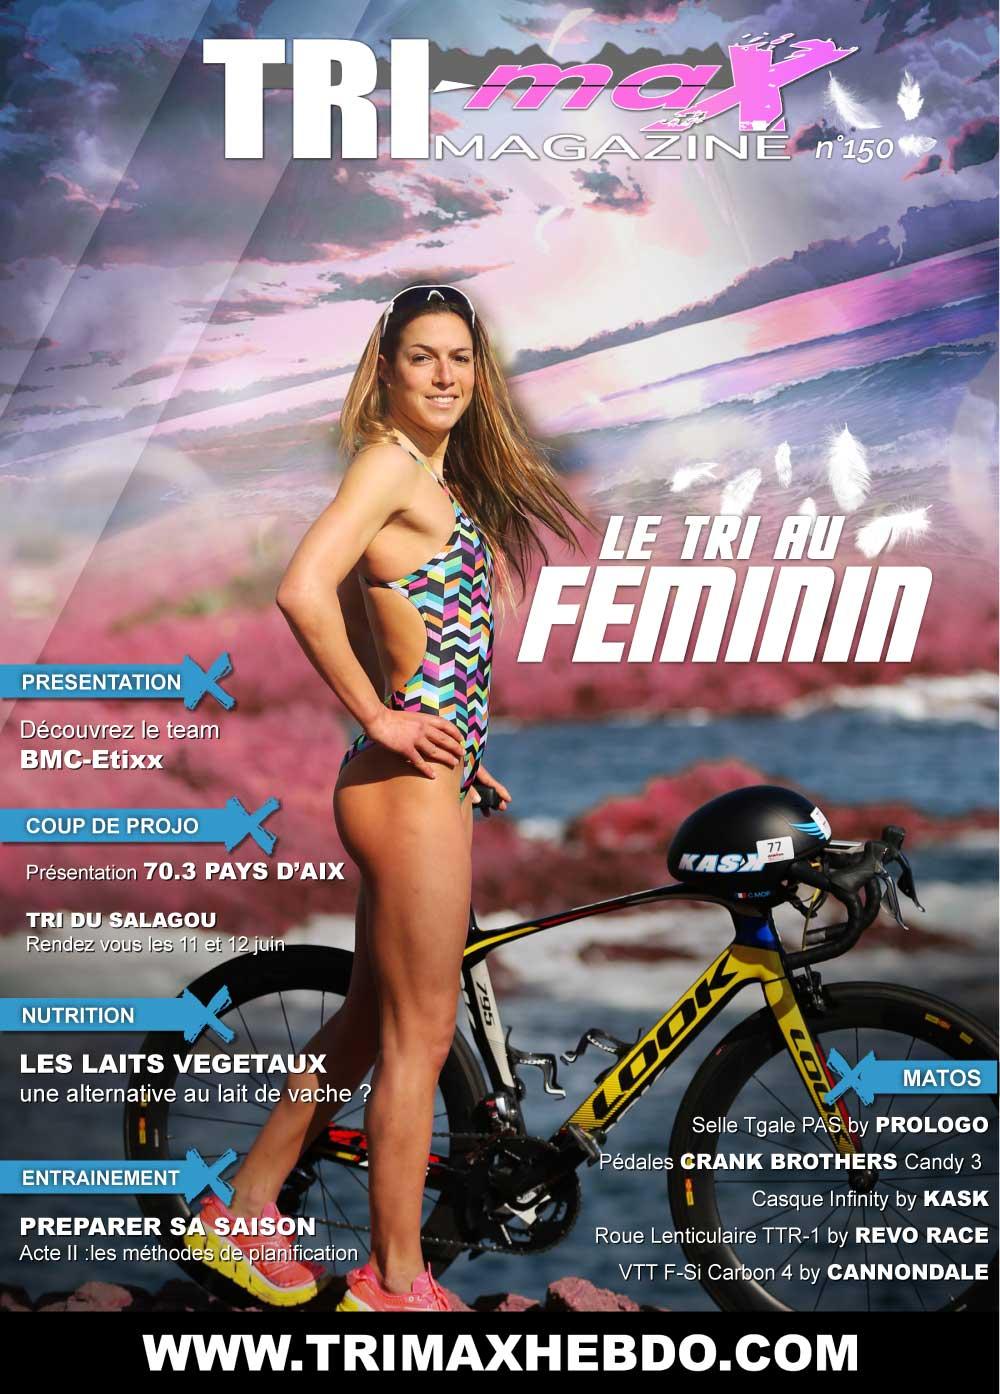 TrimaX-magazine#150 est en ligne